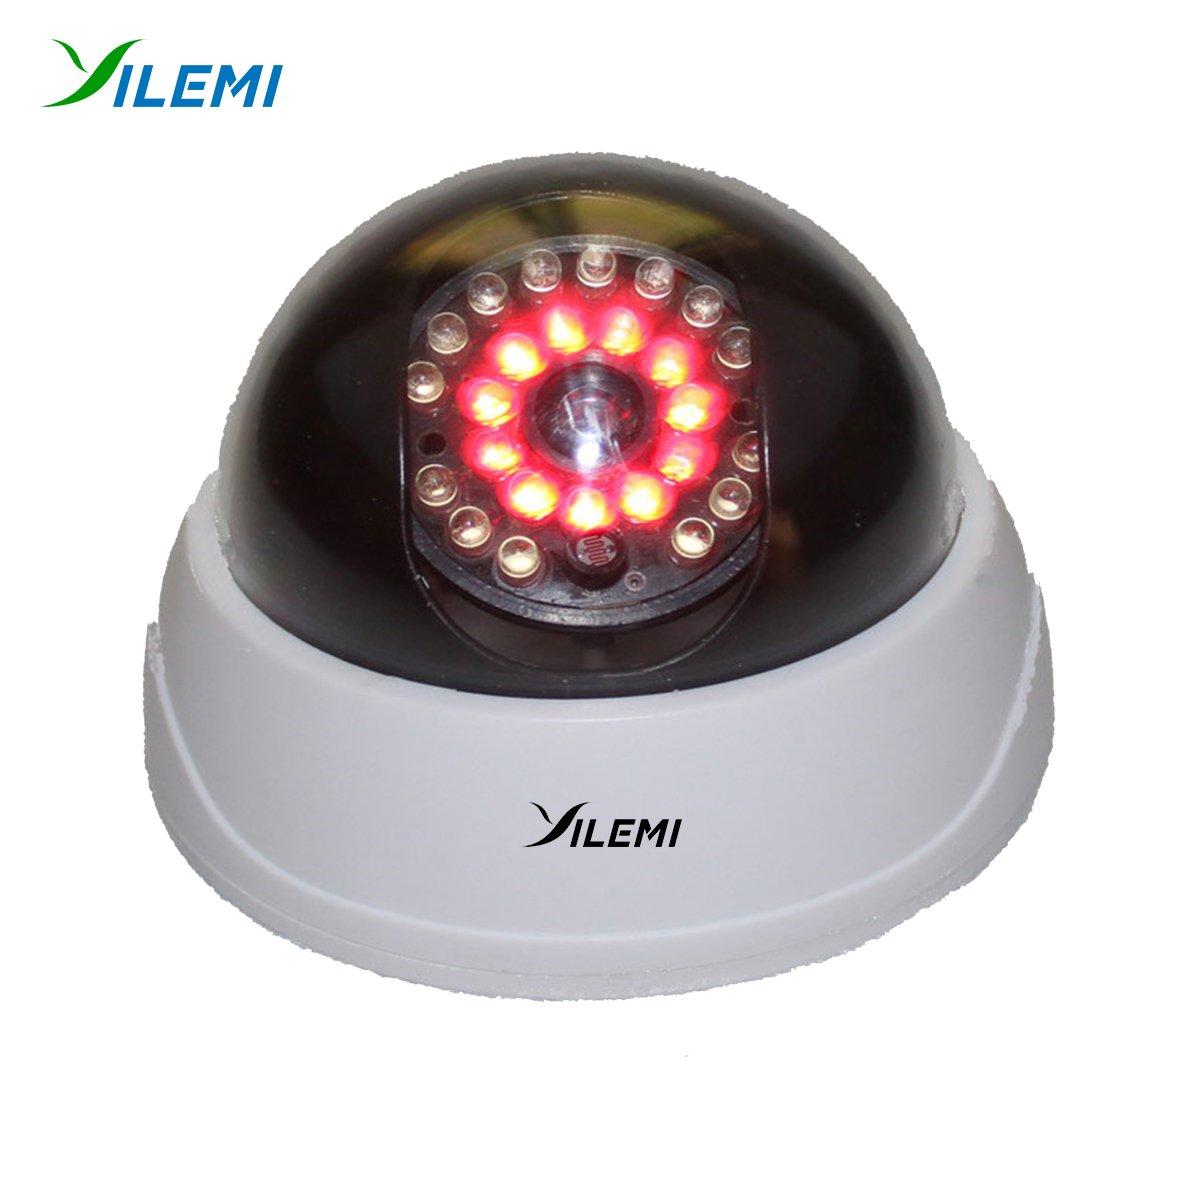 yilemi FakeカメラAAバッテリーfor LEDダミー家ホームセキュリティ監視カメラ屋内CCTVドームカメラ B07D11JD27